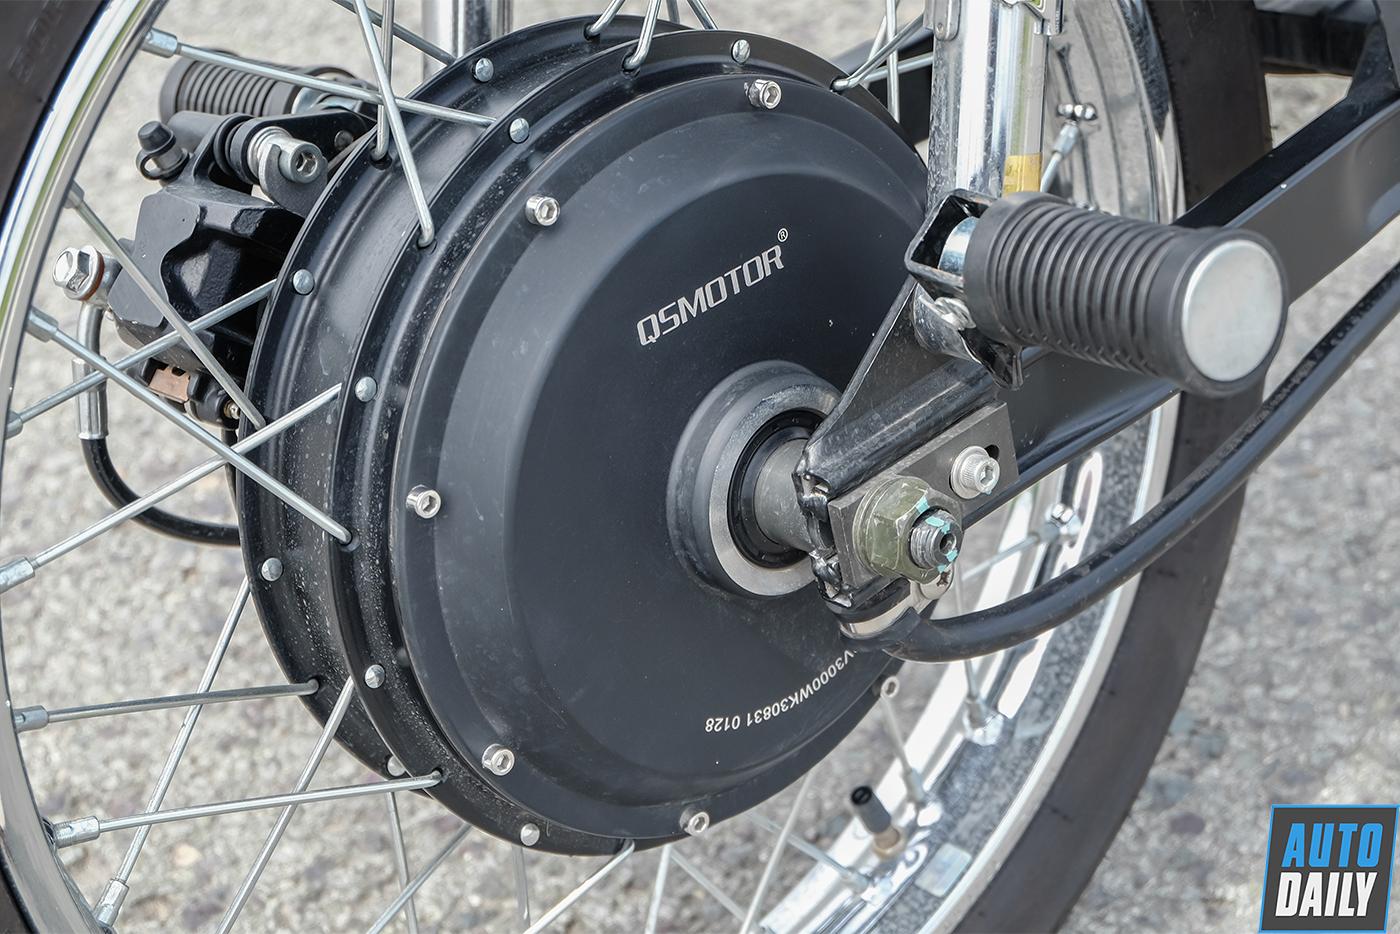 xe-dien-dat-bike-weaver-11.jpg